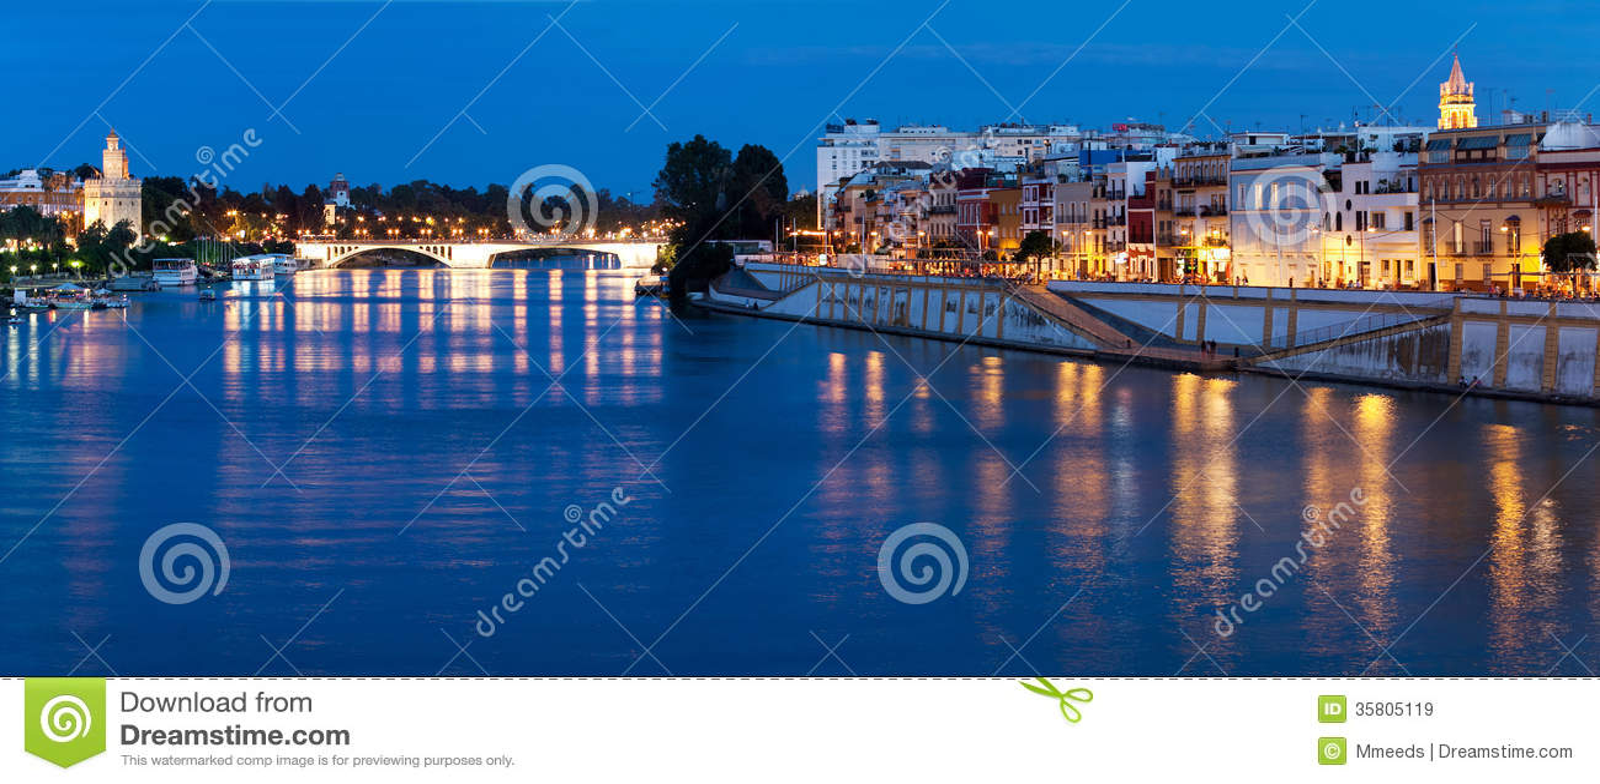 Embankment of Sevilla, Guadalquivir river, Spain